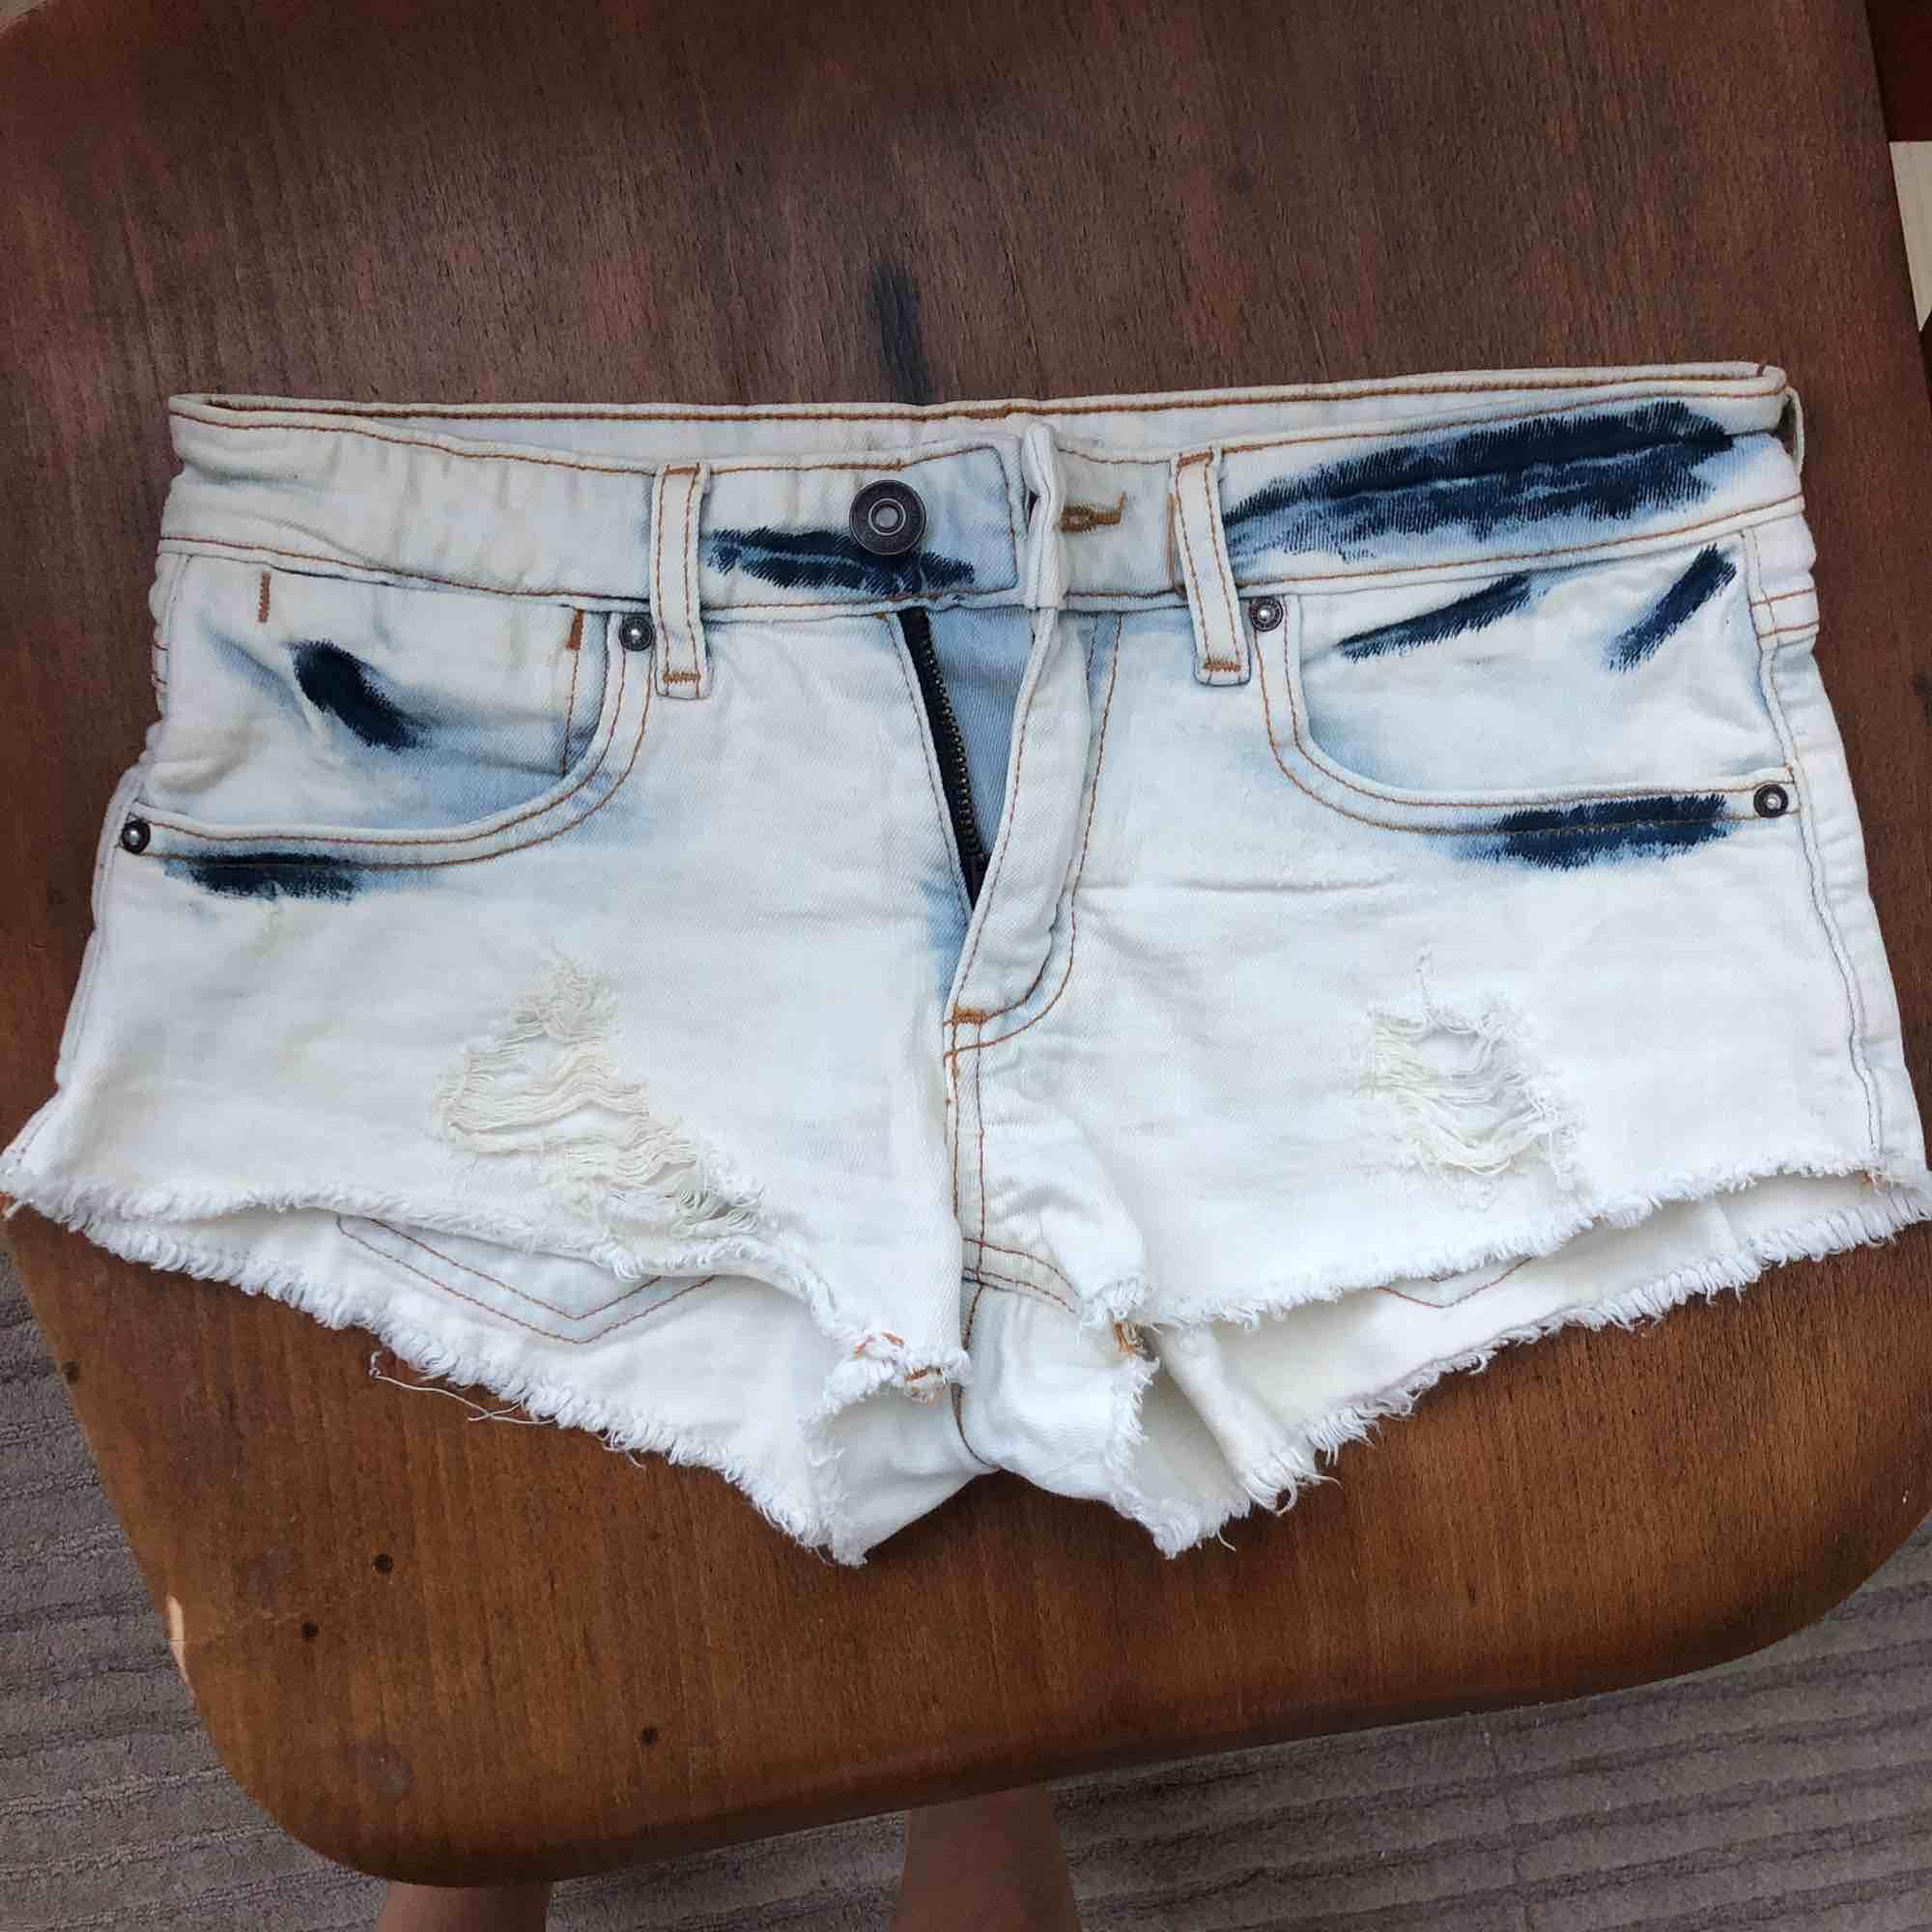 Passar även lite större storlekar. Snygga beachy skjorts från Forever21 köpte i LA. Kommer dessvärre inte till användning då de skär lite i rumpan vilket inte passar mig.  Relativt oanvända. Shorts.